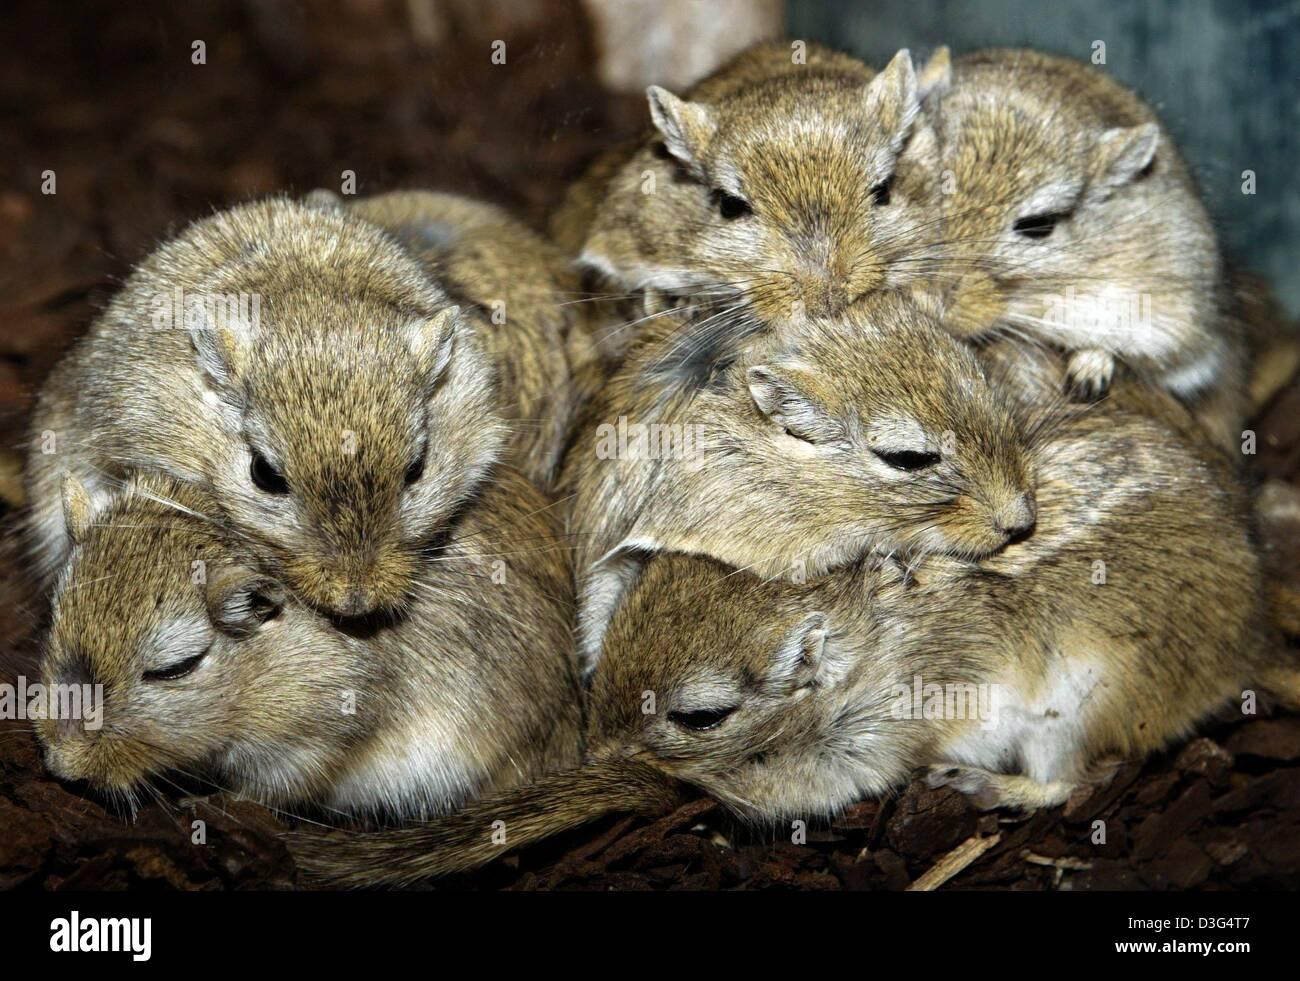 (Dpa) - eine Gruppe von mongolischen Rennmäusen (Meriones Unguiculatus) kuscheln Sie sich in einem Terrarium Stockbild